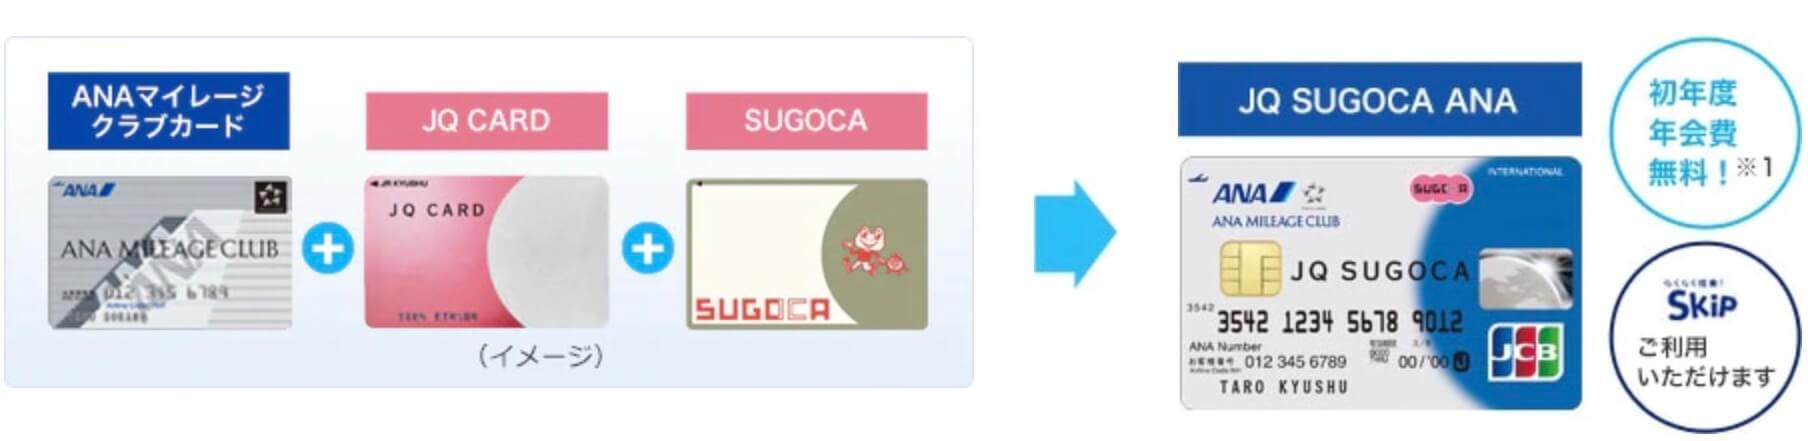 JQ SUGOCA ANAカード詳細